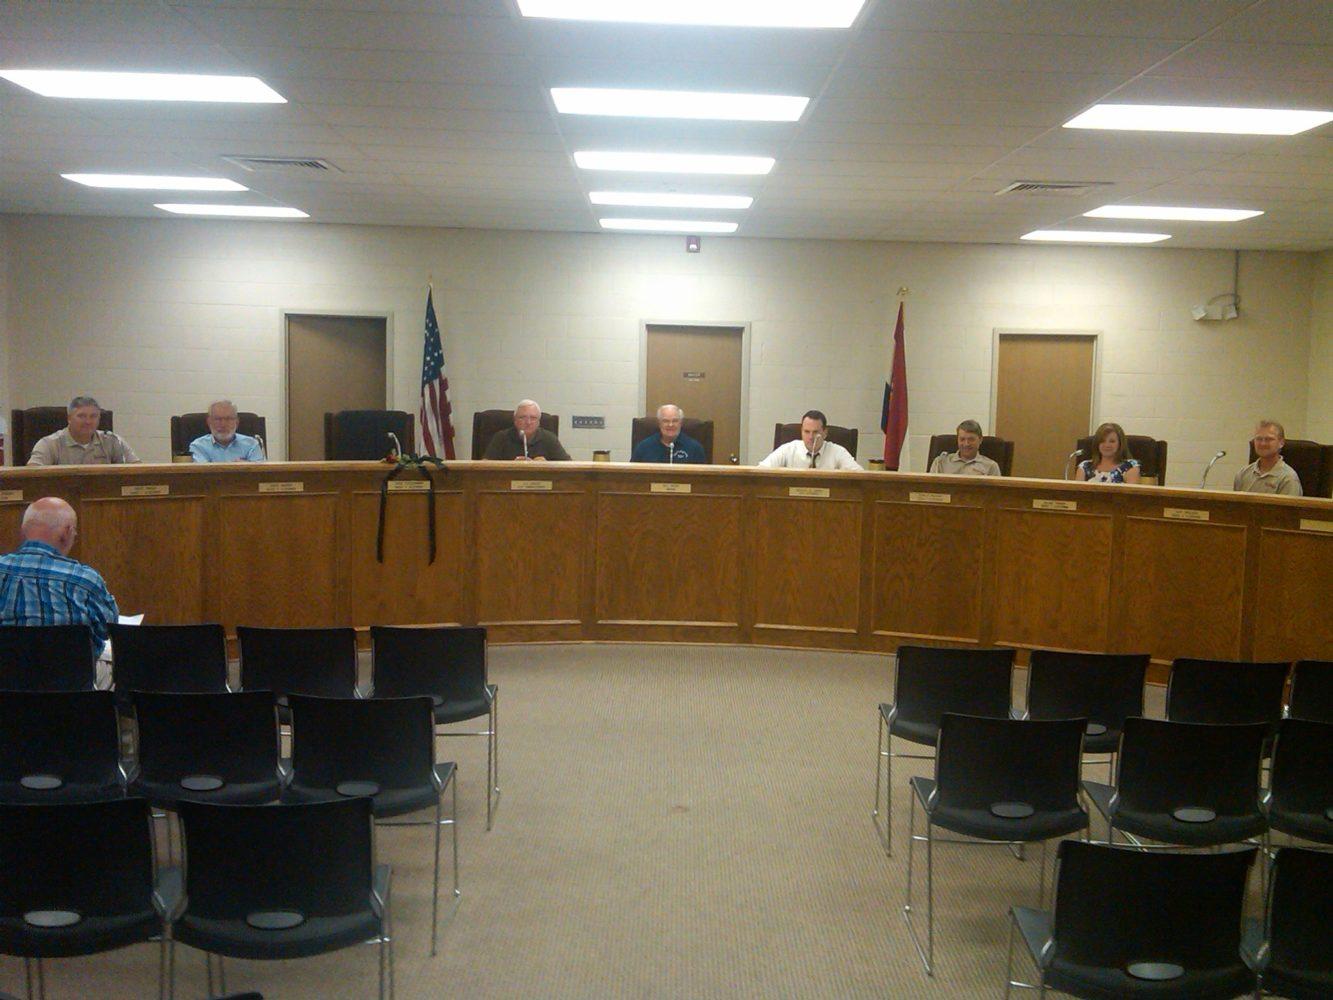 Higginsville Part of Class Action Settlement